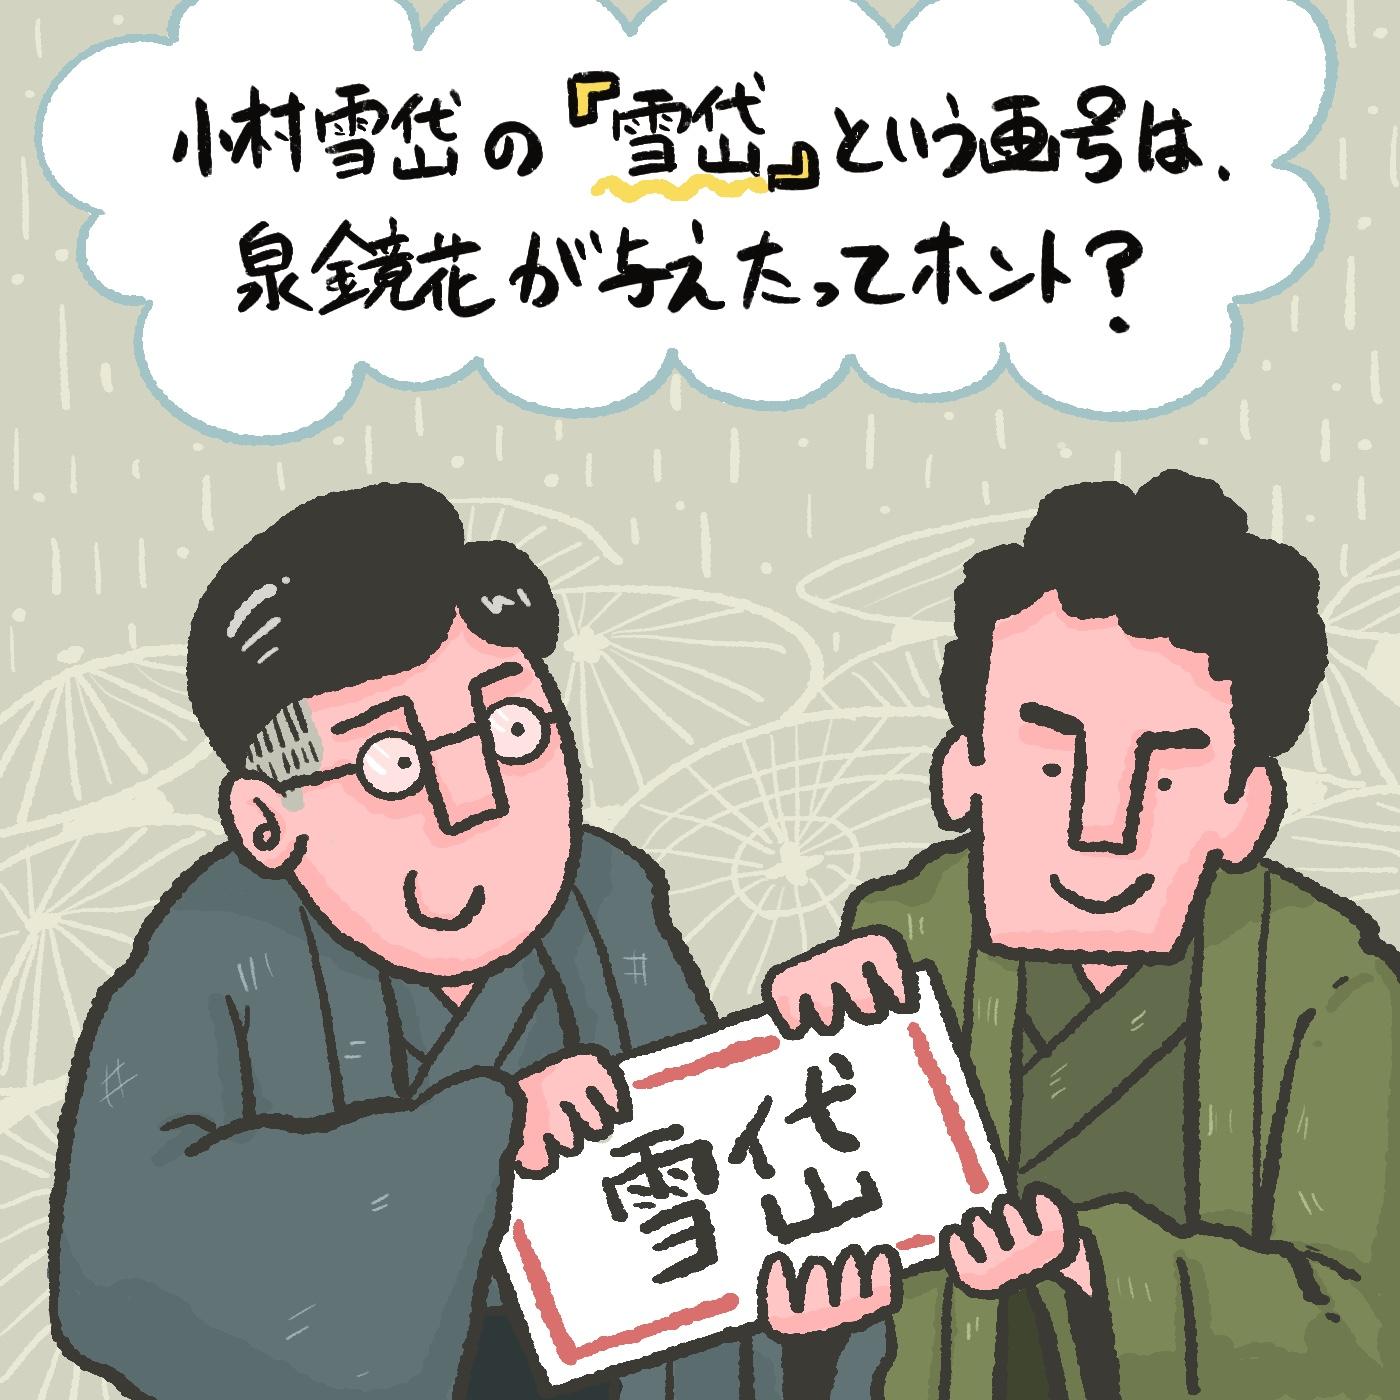 OBIKAKE ナニソレ 小村雪岱 泉鏡花 藤野遼太